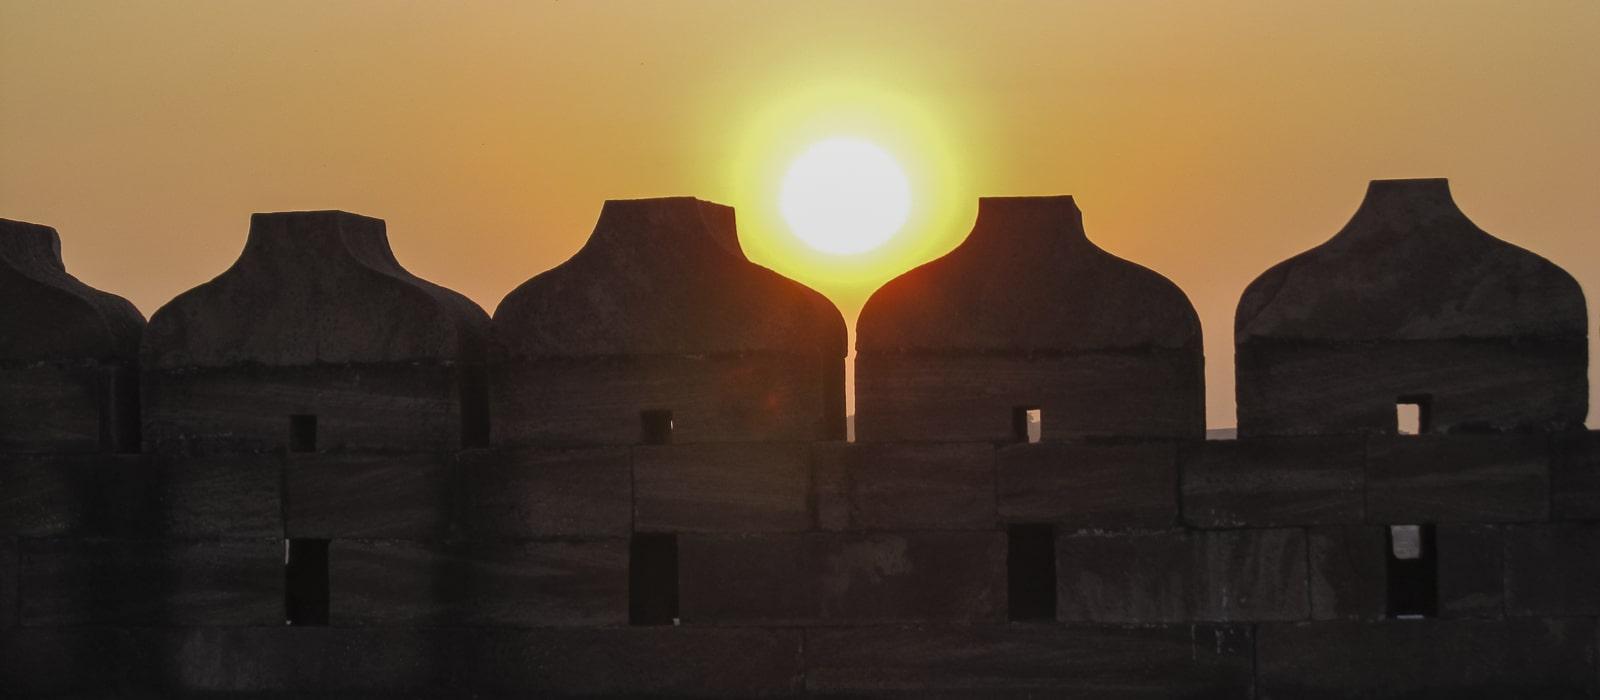 img-diapo-entete - Rajasthan-1600x700-10.jpg